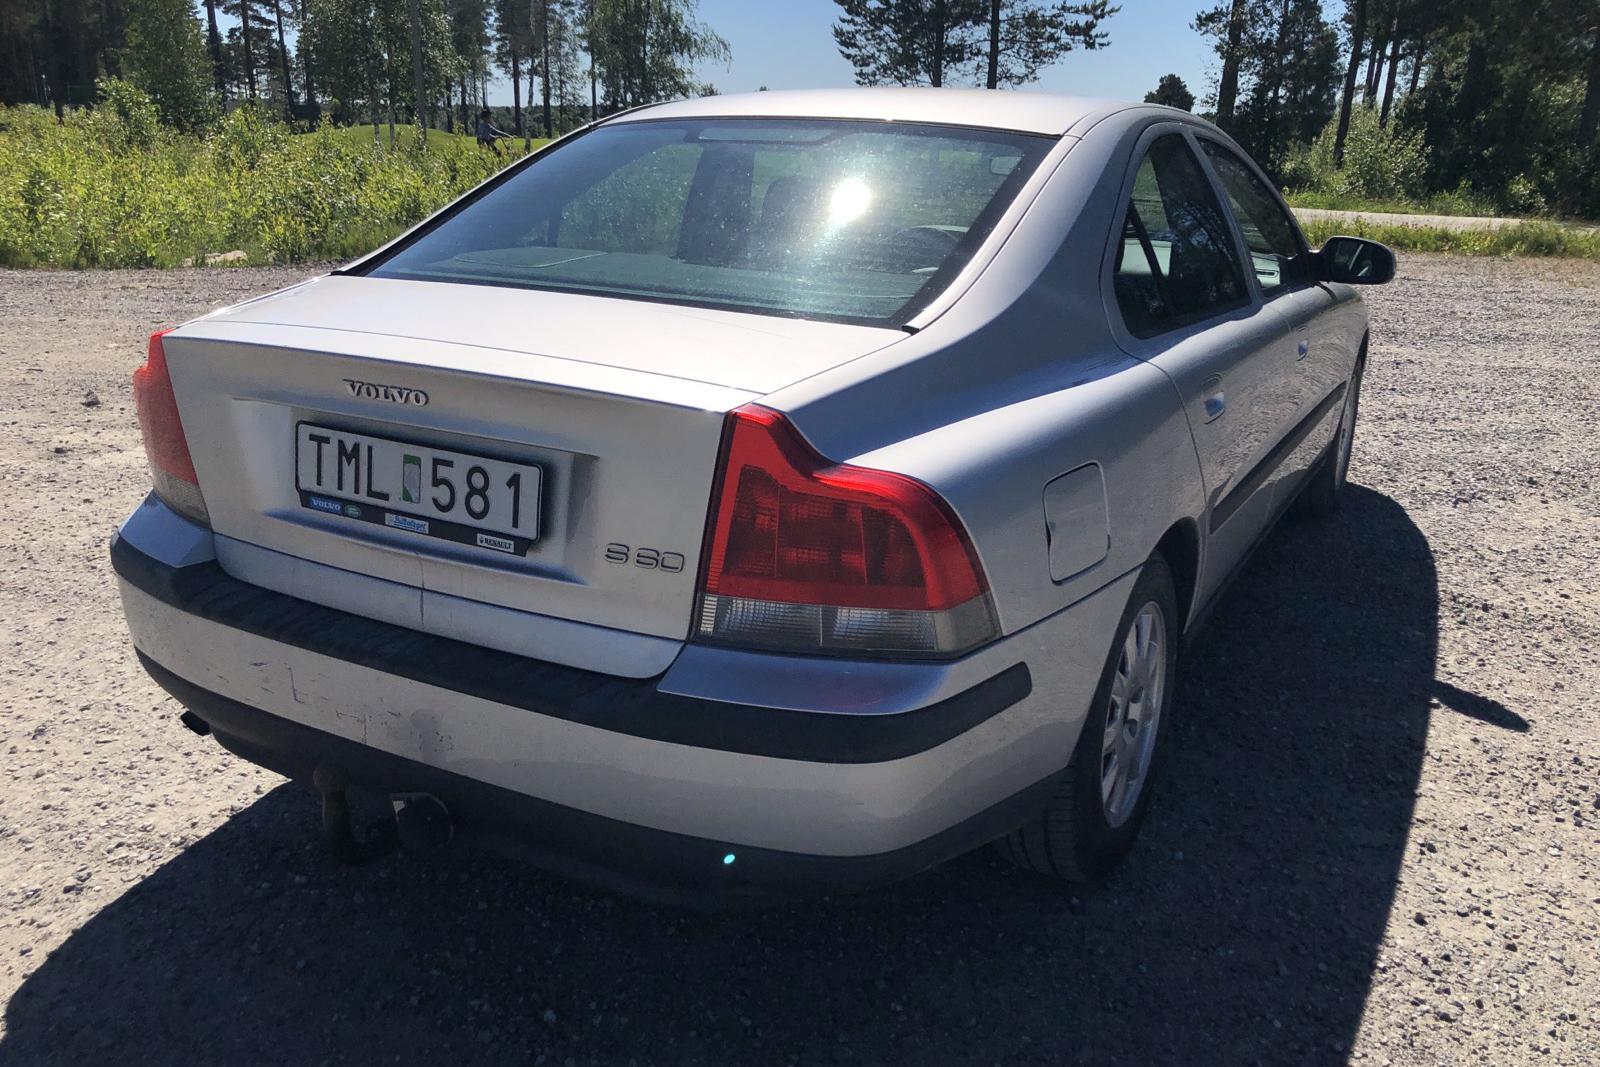 Volvo S60 2.4 (140hk) - 456 610 km - Manual - Light Grey - 2002